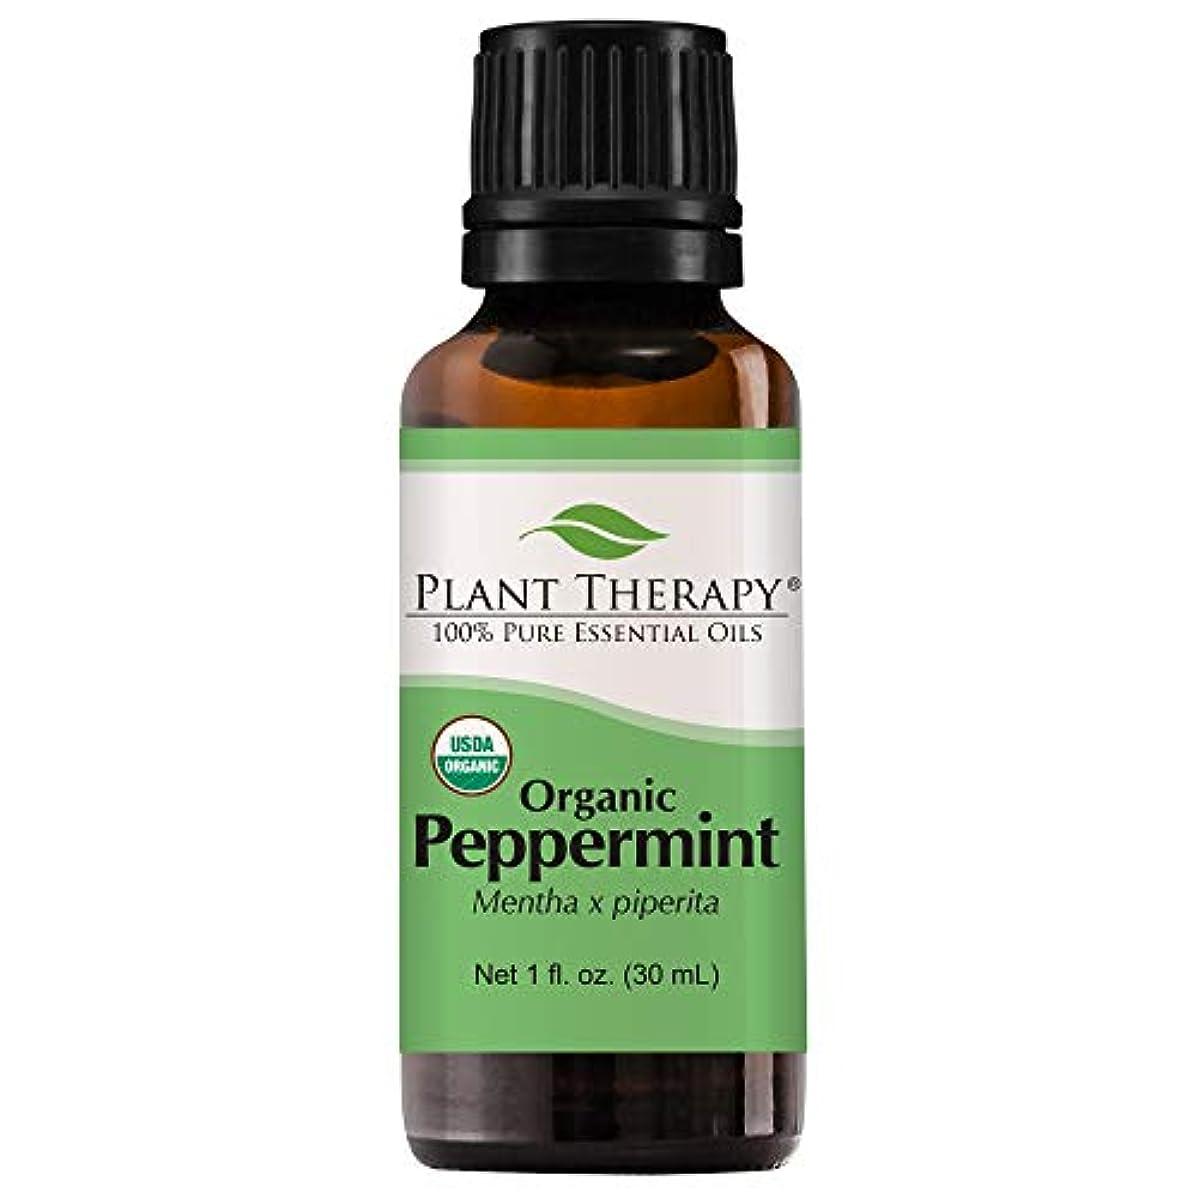 スーツ解決する群集植物セラピーUSDA認定オーガニックペパーミントエッセンシャルオイル。 100%ピュア、希釈していない、治療グレード。 30mLの(1オンス)。